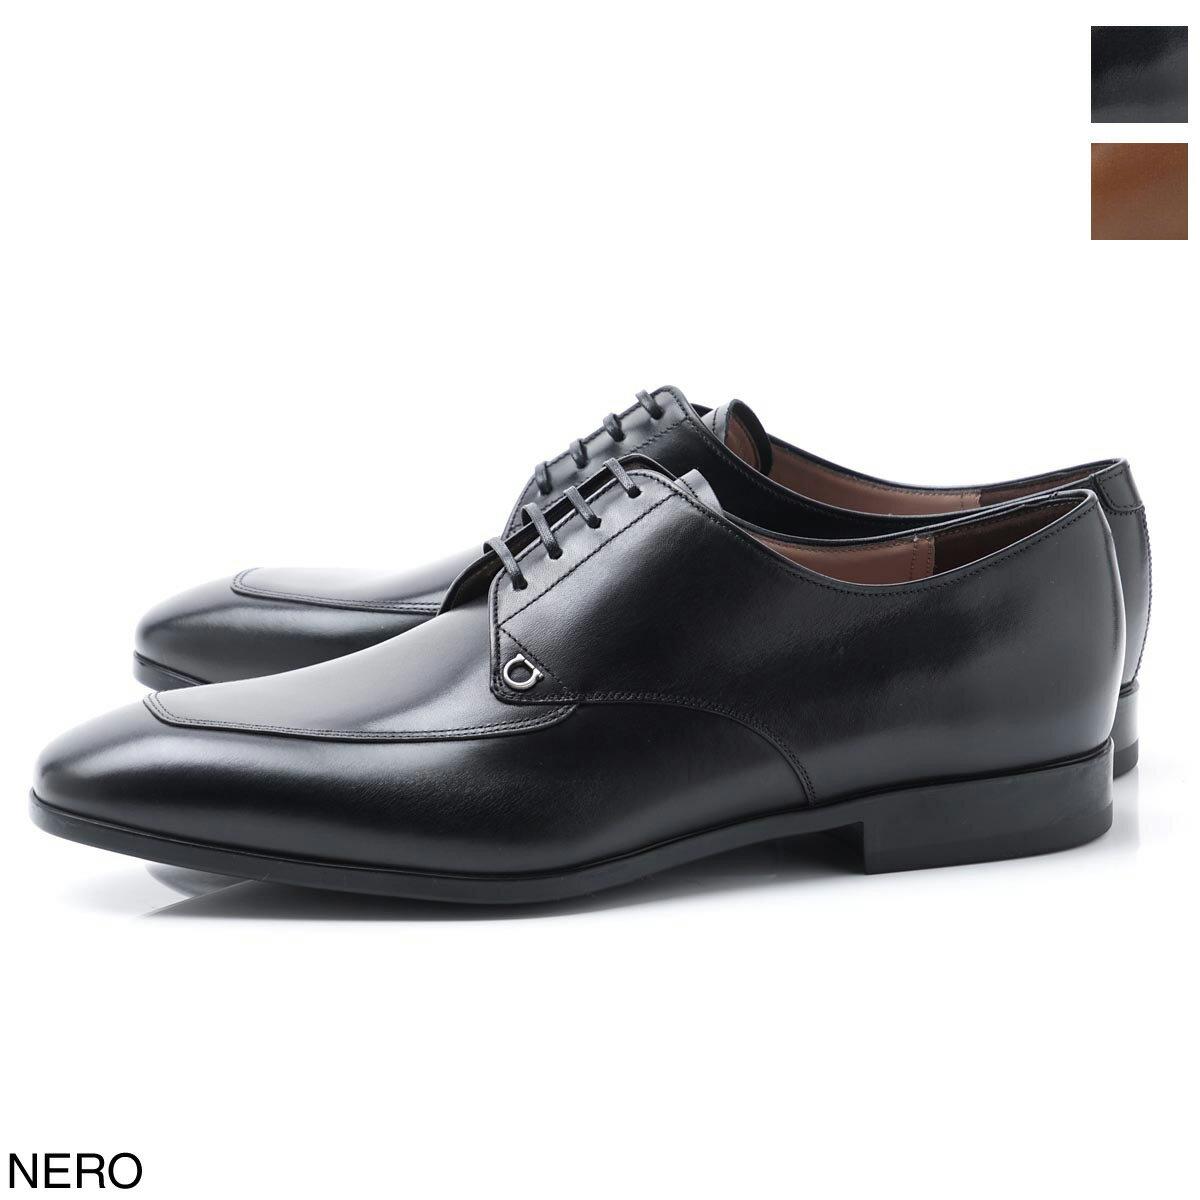 メンズ靴, ビジネスシューズ  Salvatore Ferragamo tristano 02b680 0713613 nero TRISTANO